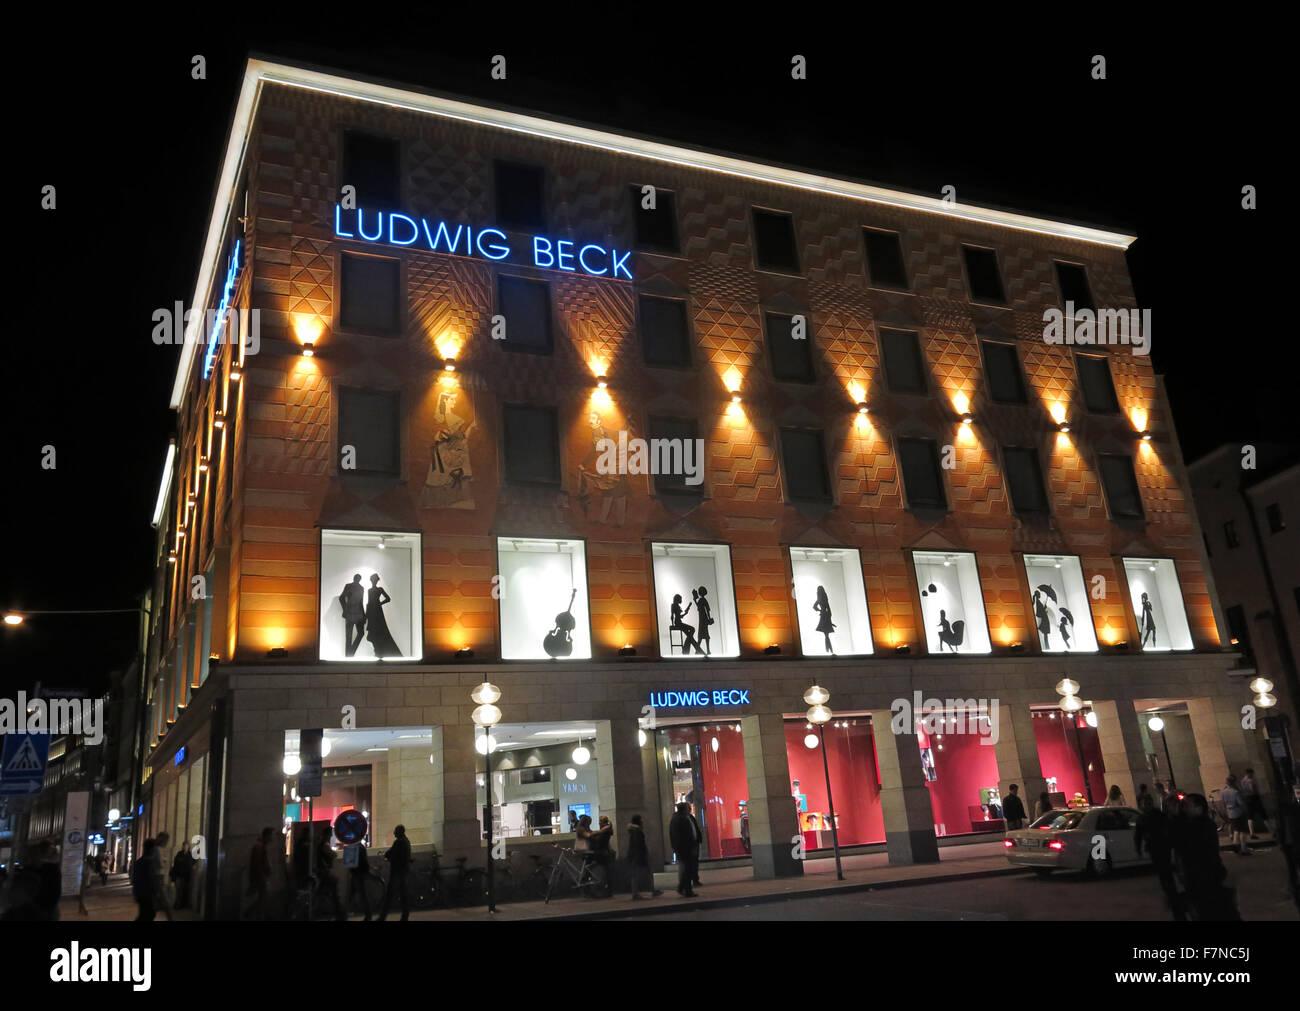 Laden Sie dieses Alamy Stockfoto Kaufhaus Ludwig Beck, München, Deutschland in der Nacht - F7NC5J